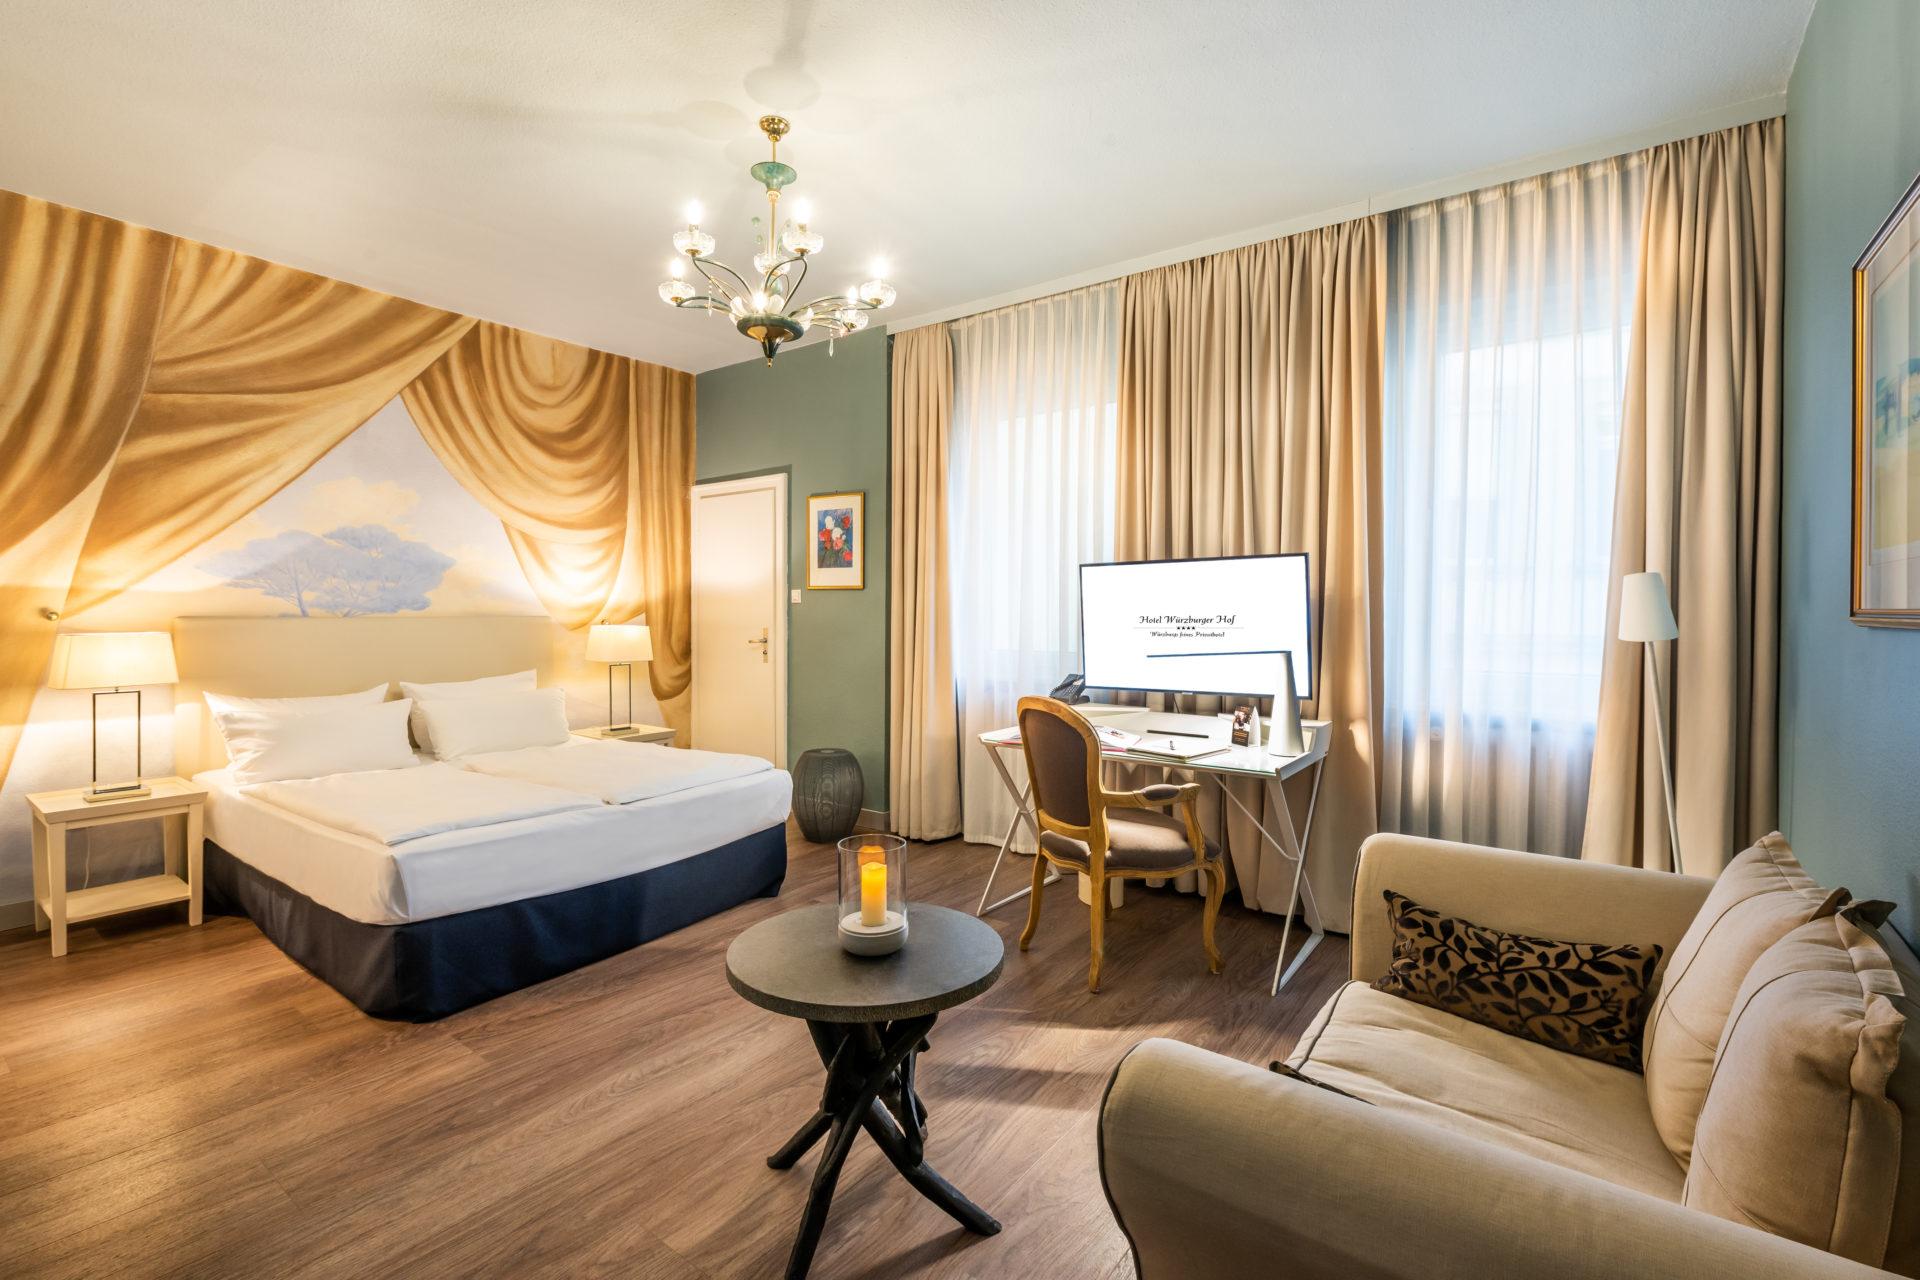 Hotel Würzburger Hof: Imagefotografie